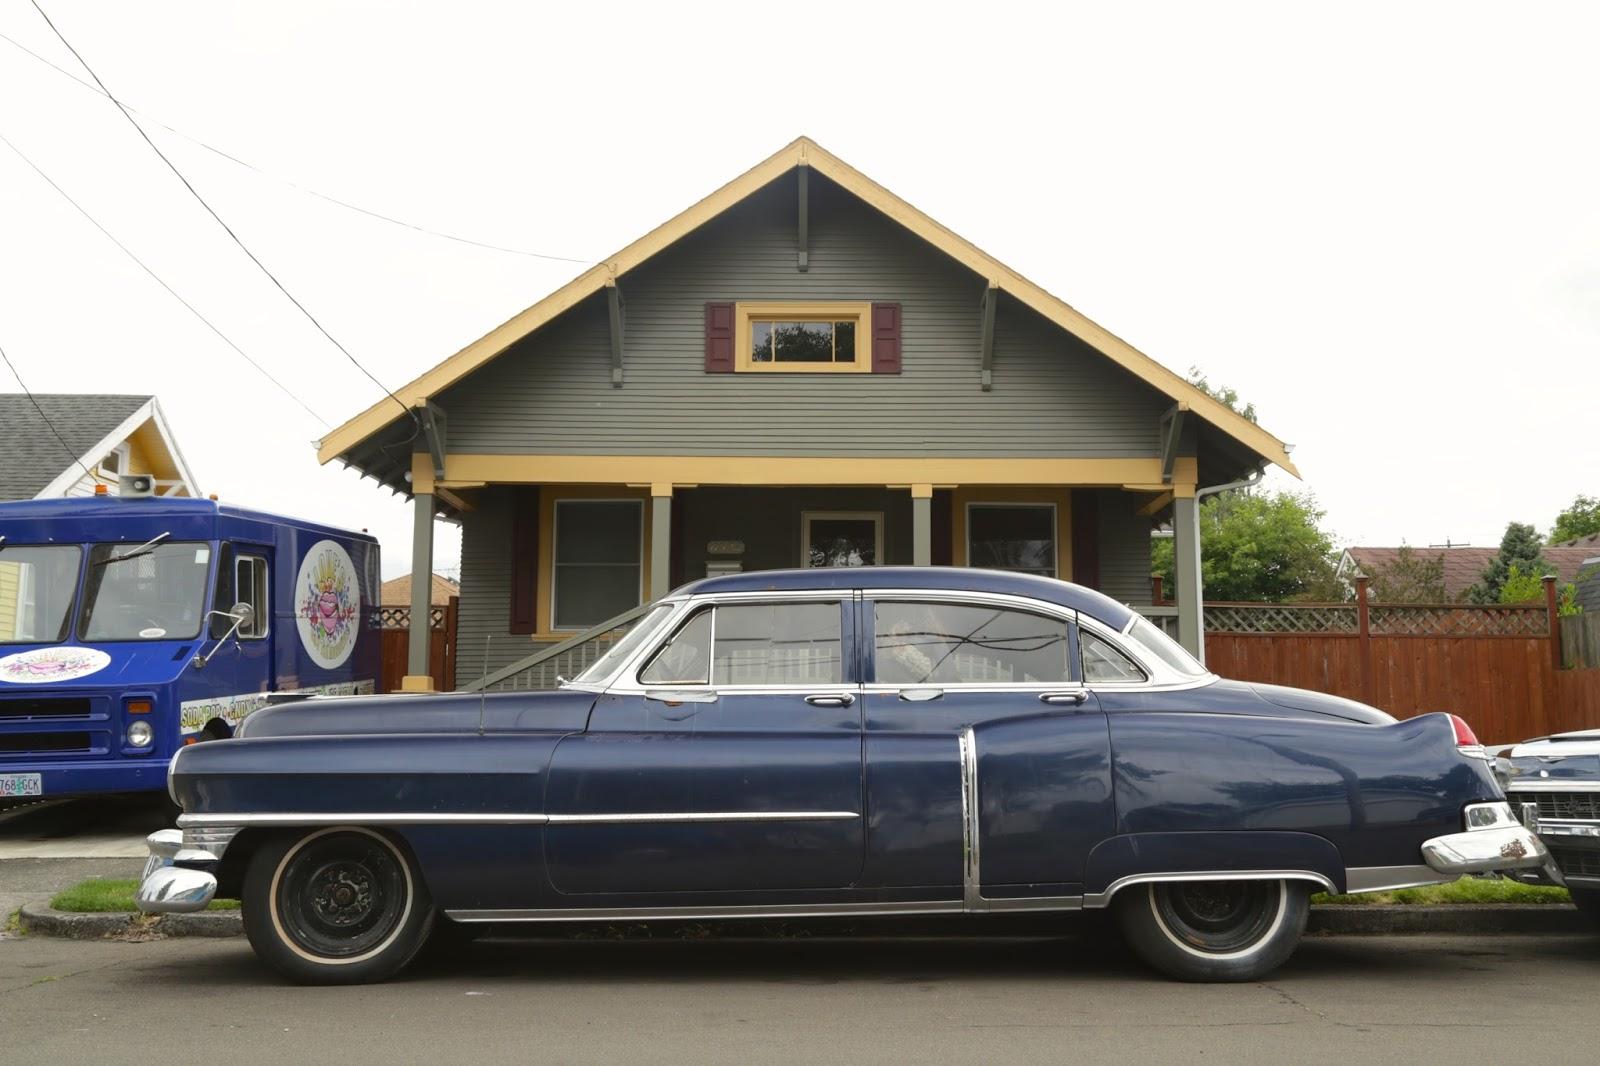 1950 Cadillac Sedan De Ville.